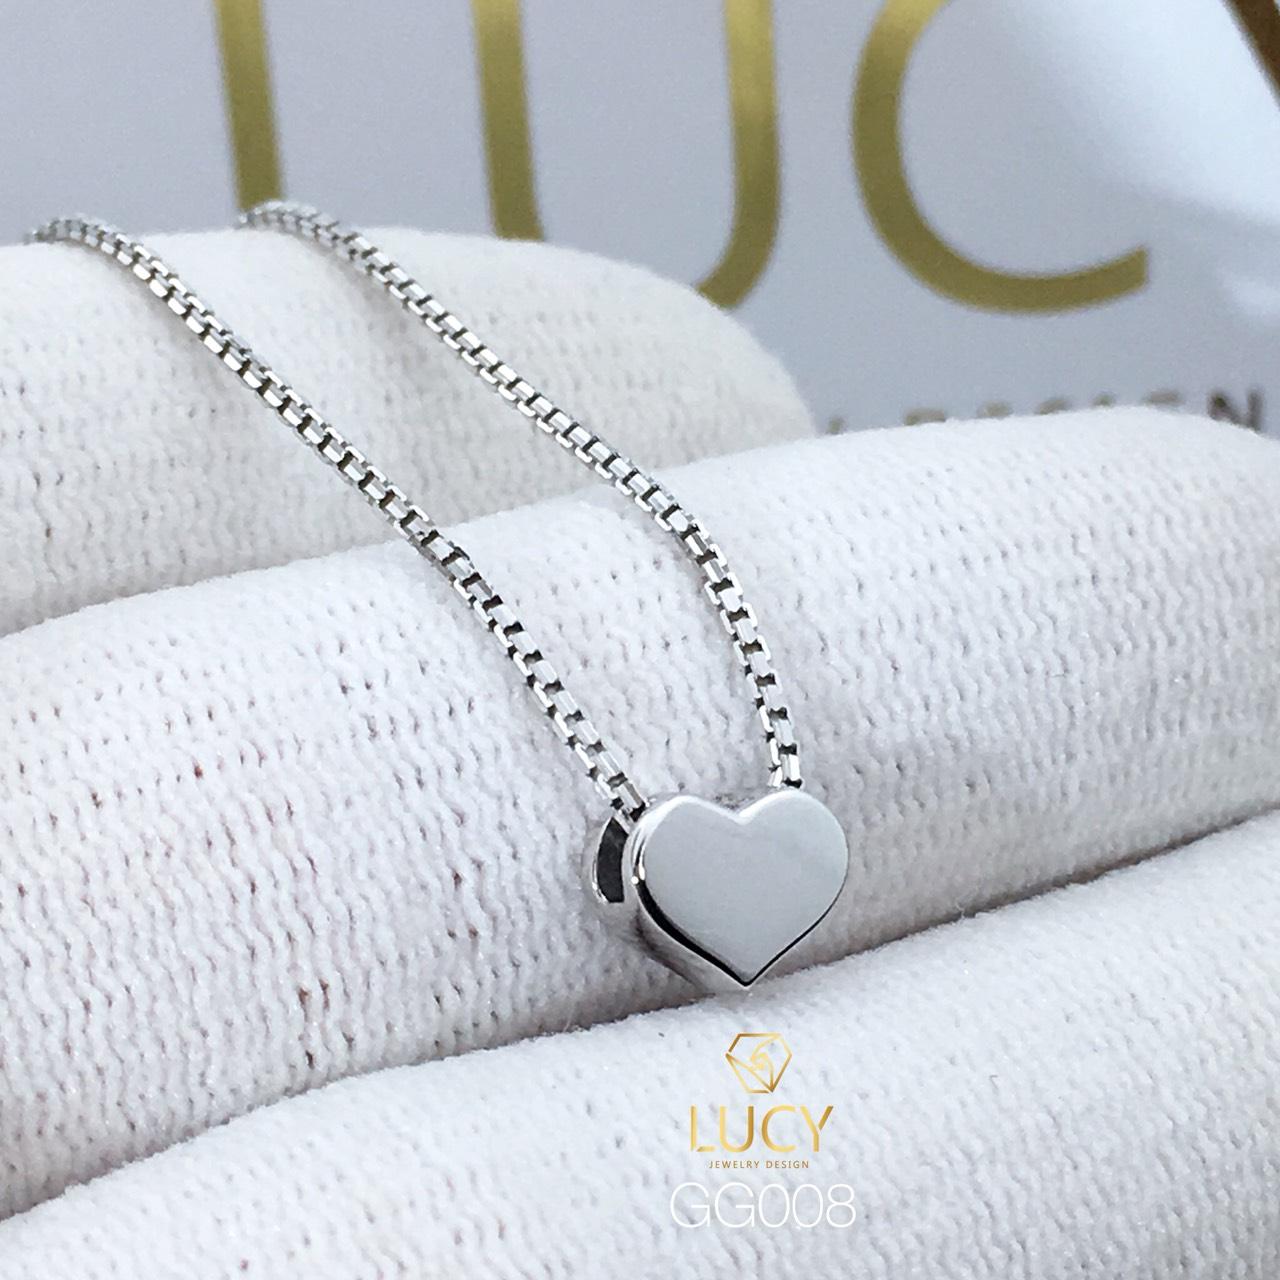 GG008 Mặt dây chuyền thiết kế vàng 10k 14k 18k - Lucy Jewely